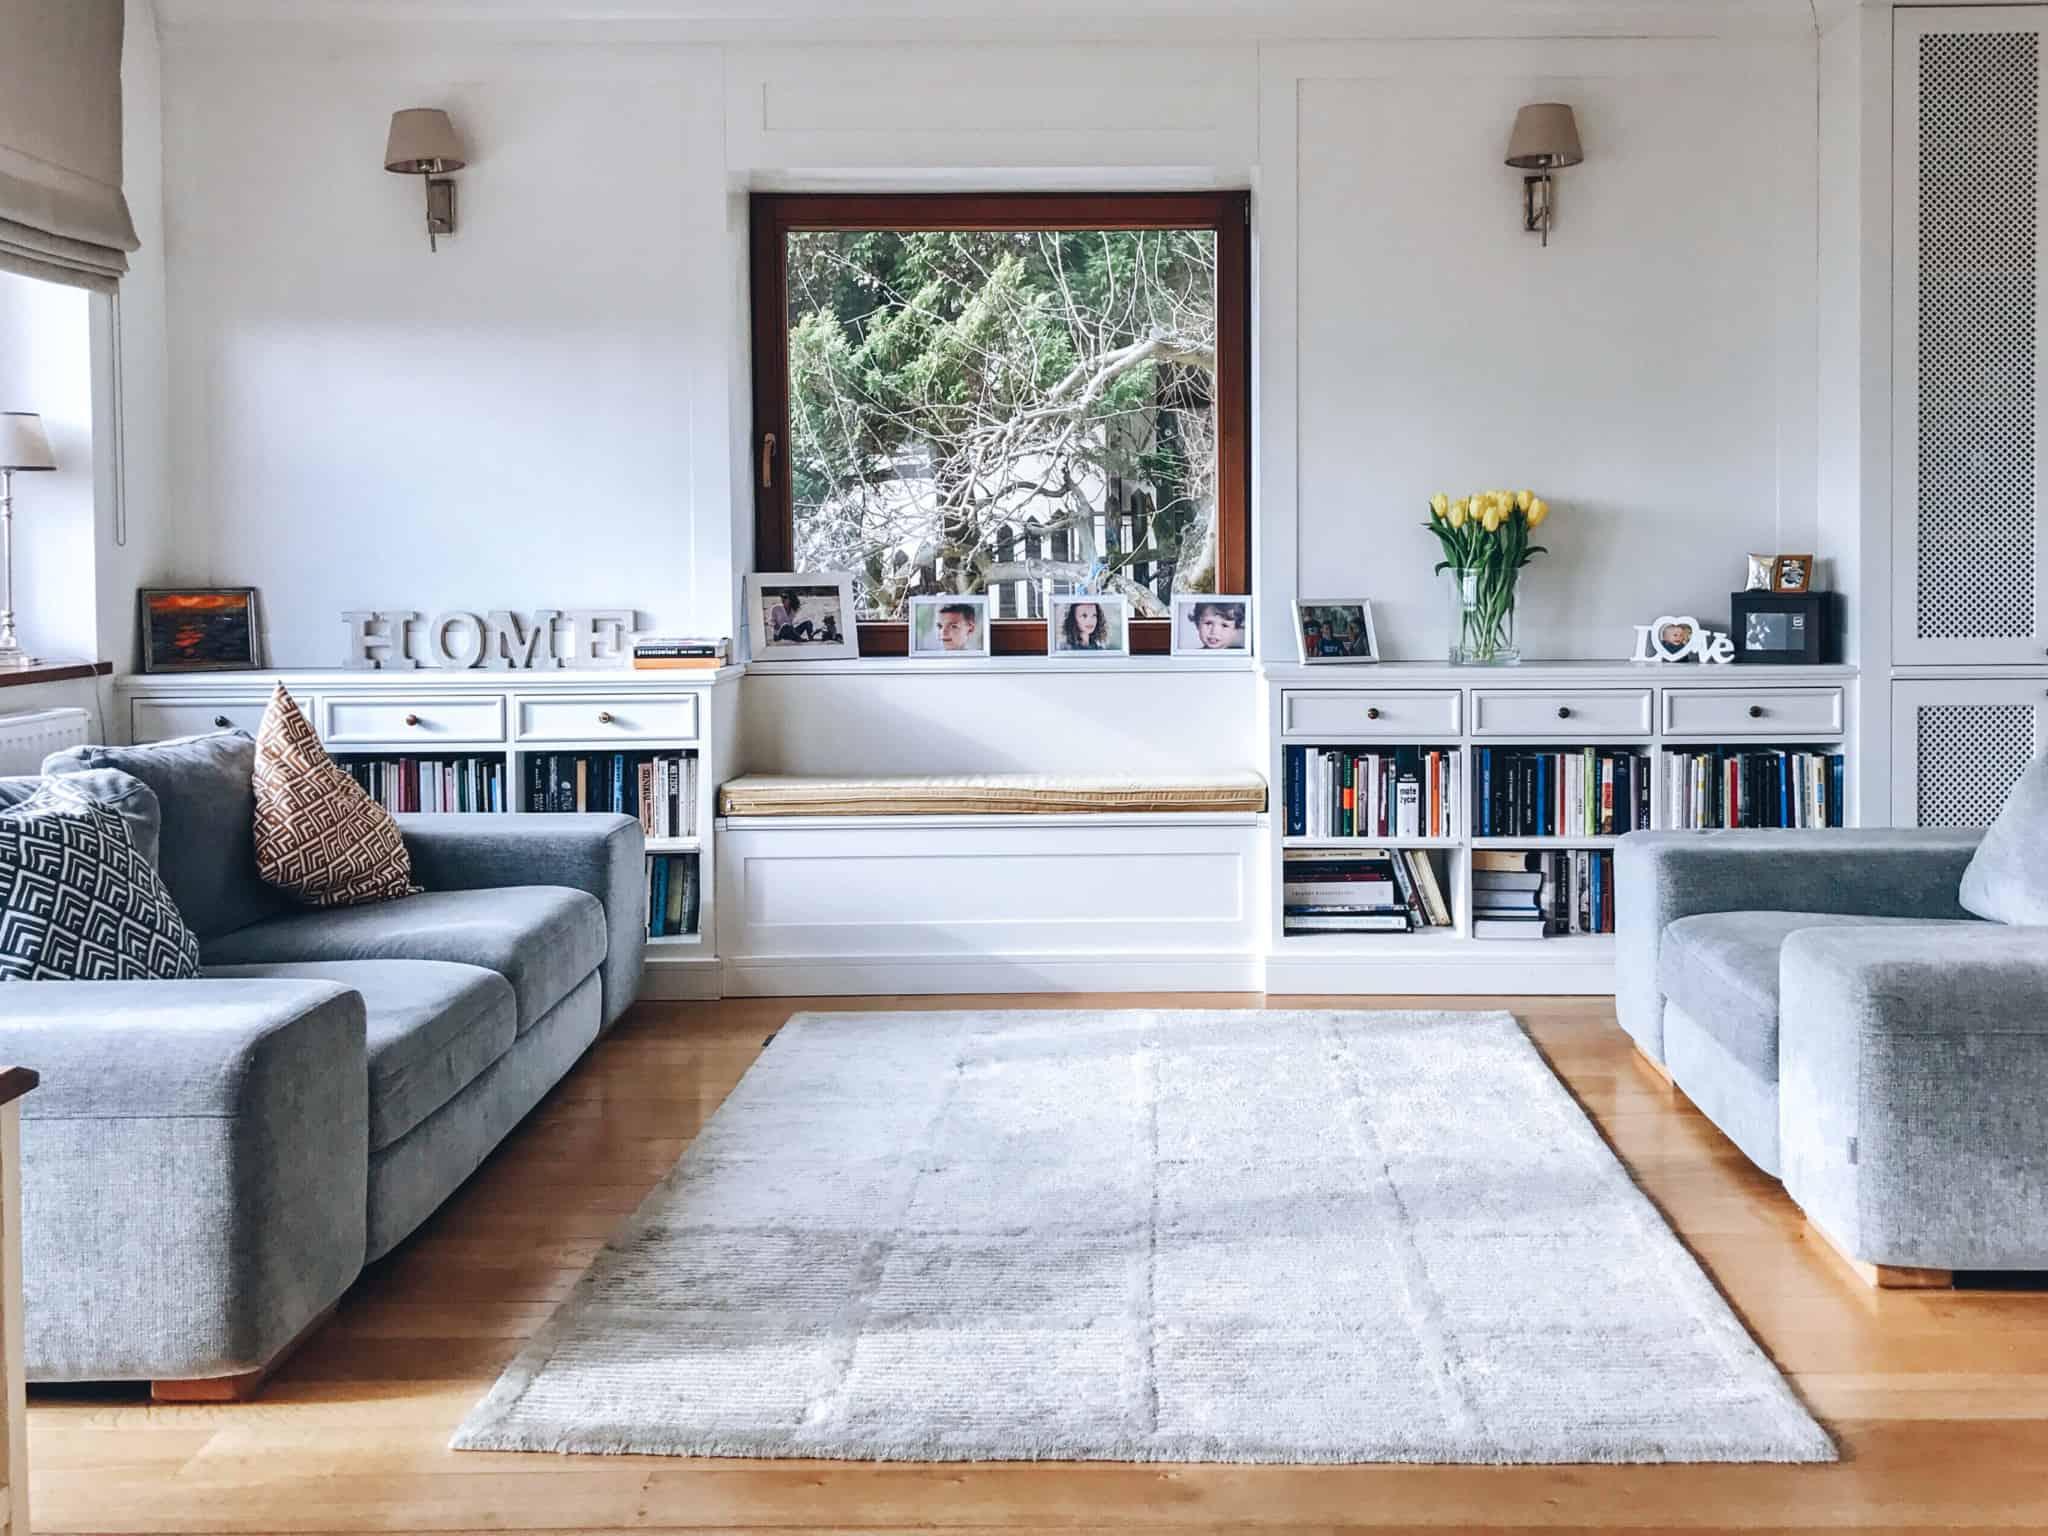 Sala_móveis_mudança de casa